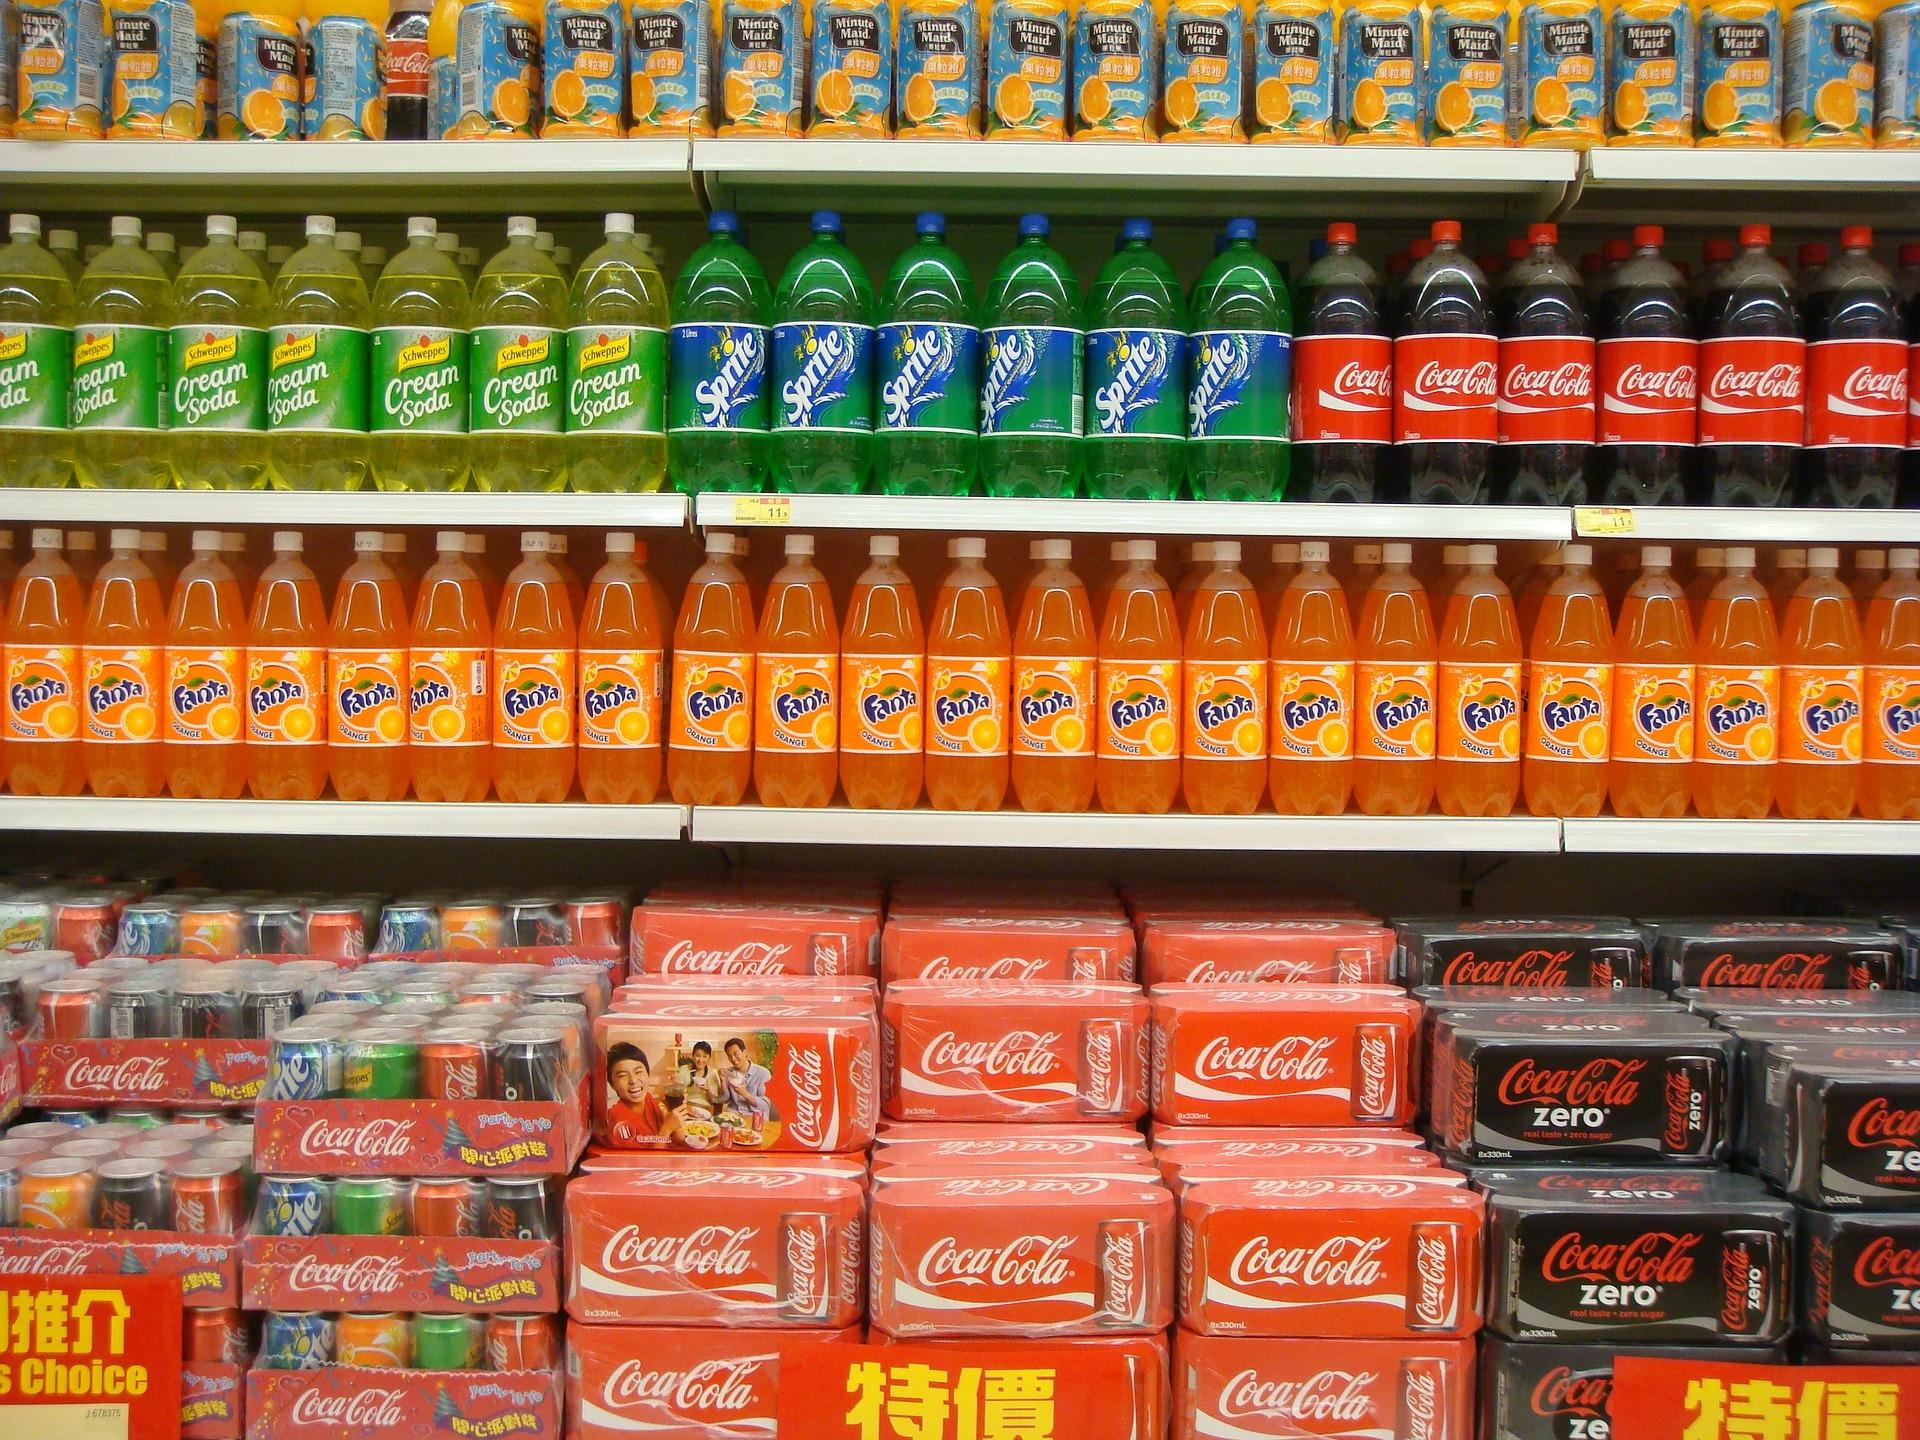 Ceny w górę, sprzedaż w dół – rynek napojów gazowanych po wprowadzeniu opłaty cukrowej